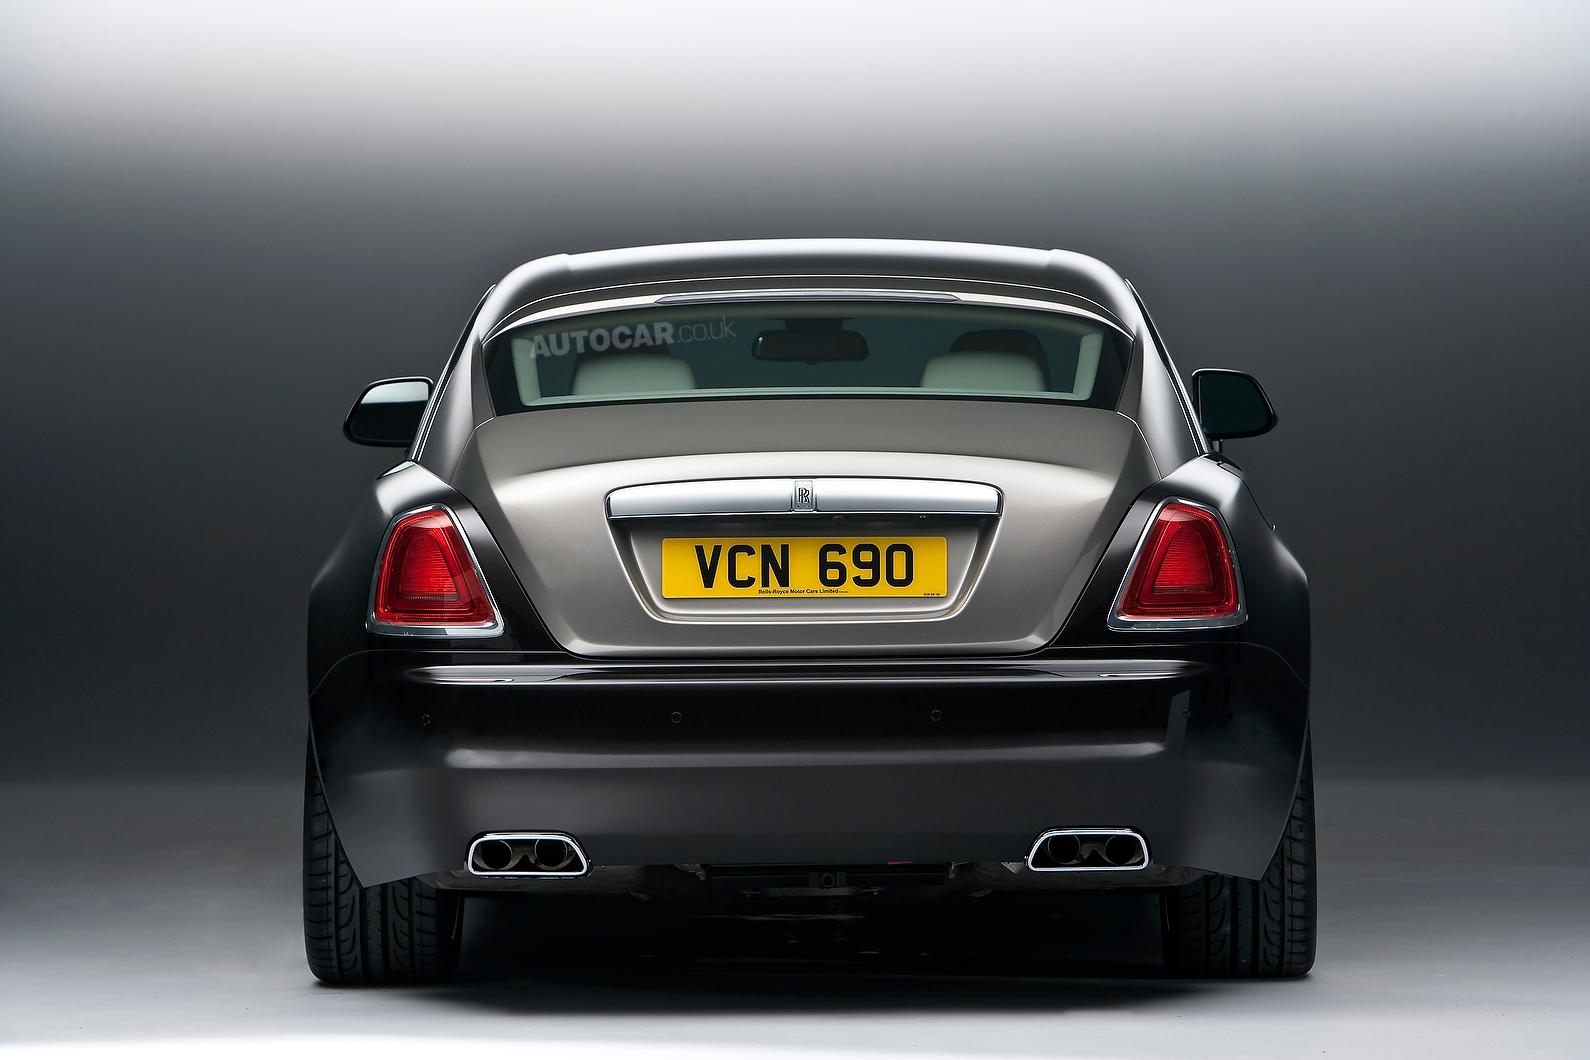 2013 - [Rolls Royce] Wraith - Page 4 Rolls-royce-wraith-8sdgg